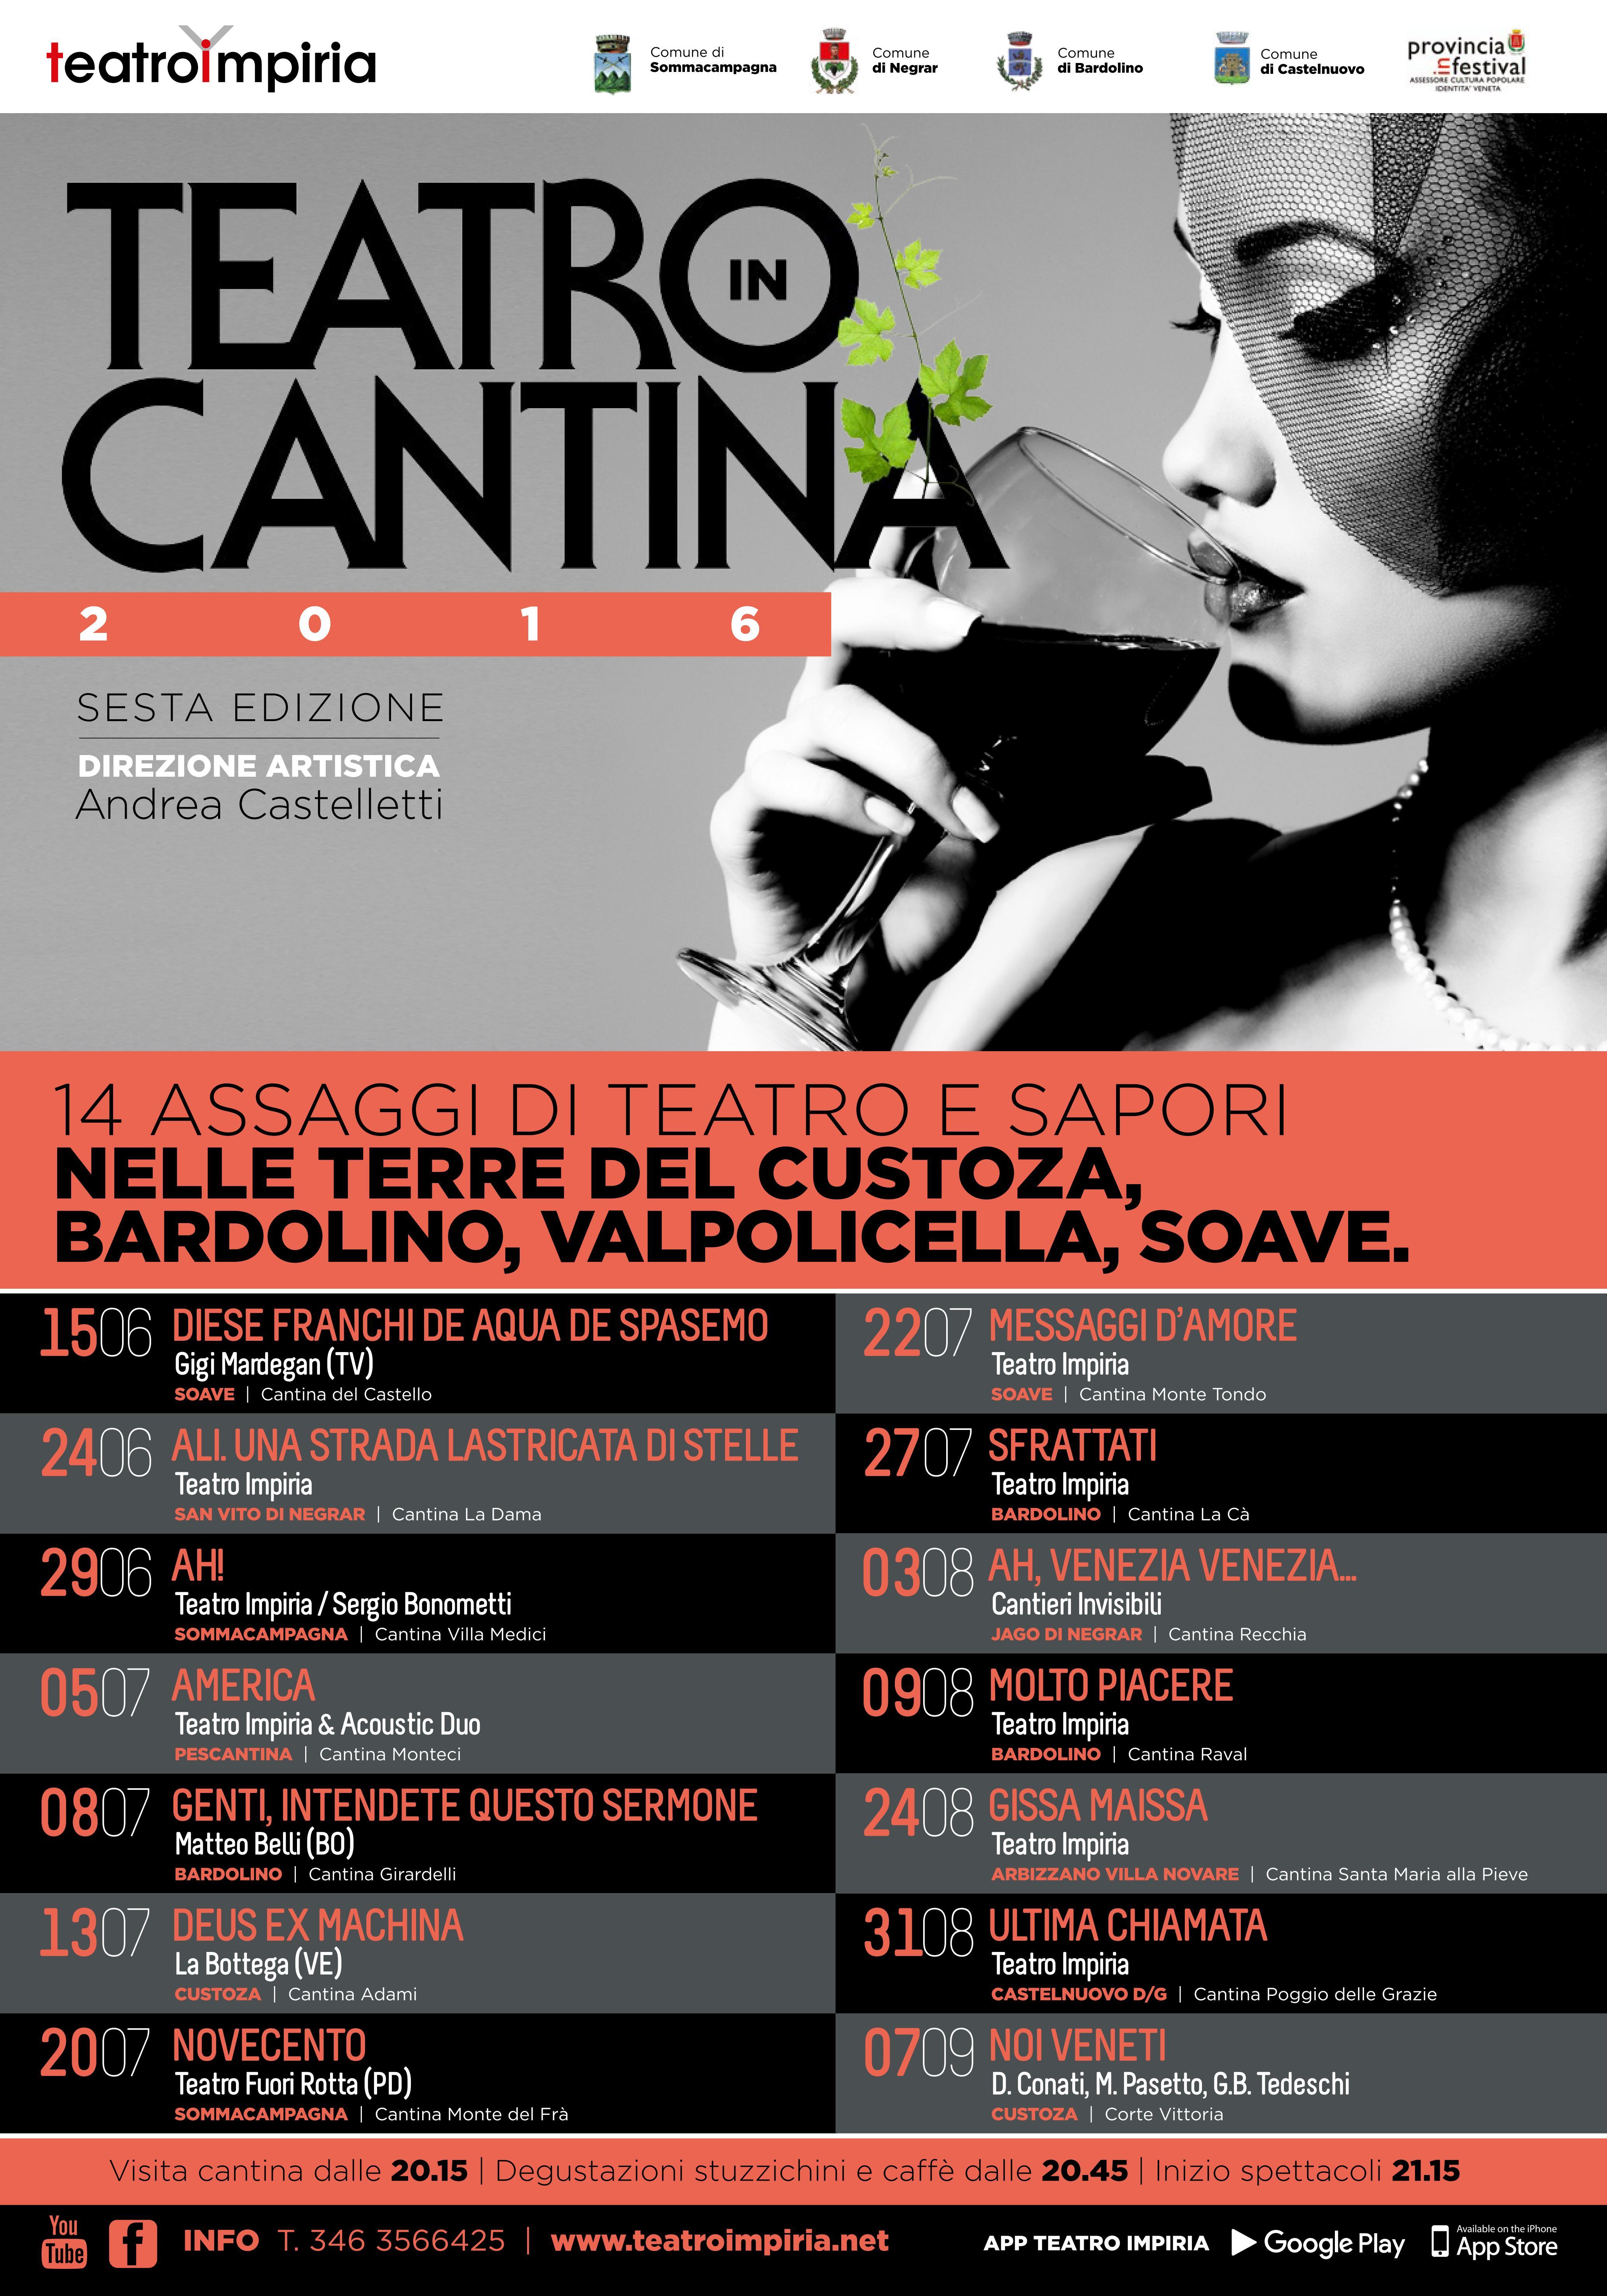 teatro-impiria-verona-teatro-in-cantina-2016-vino